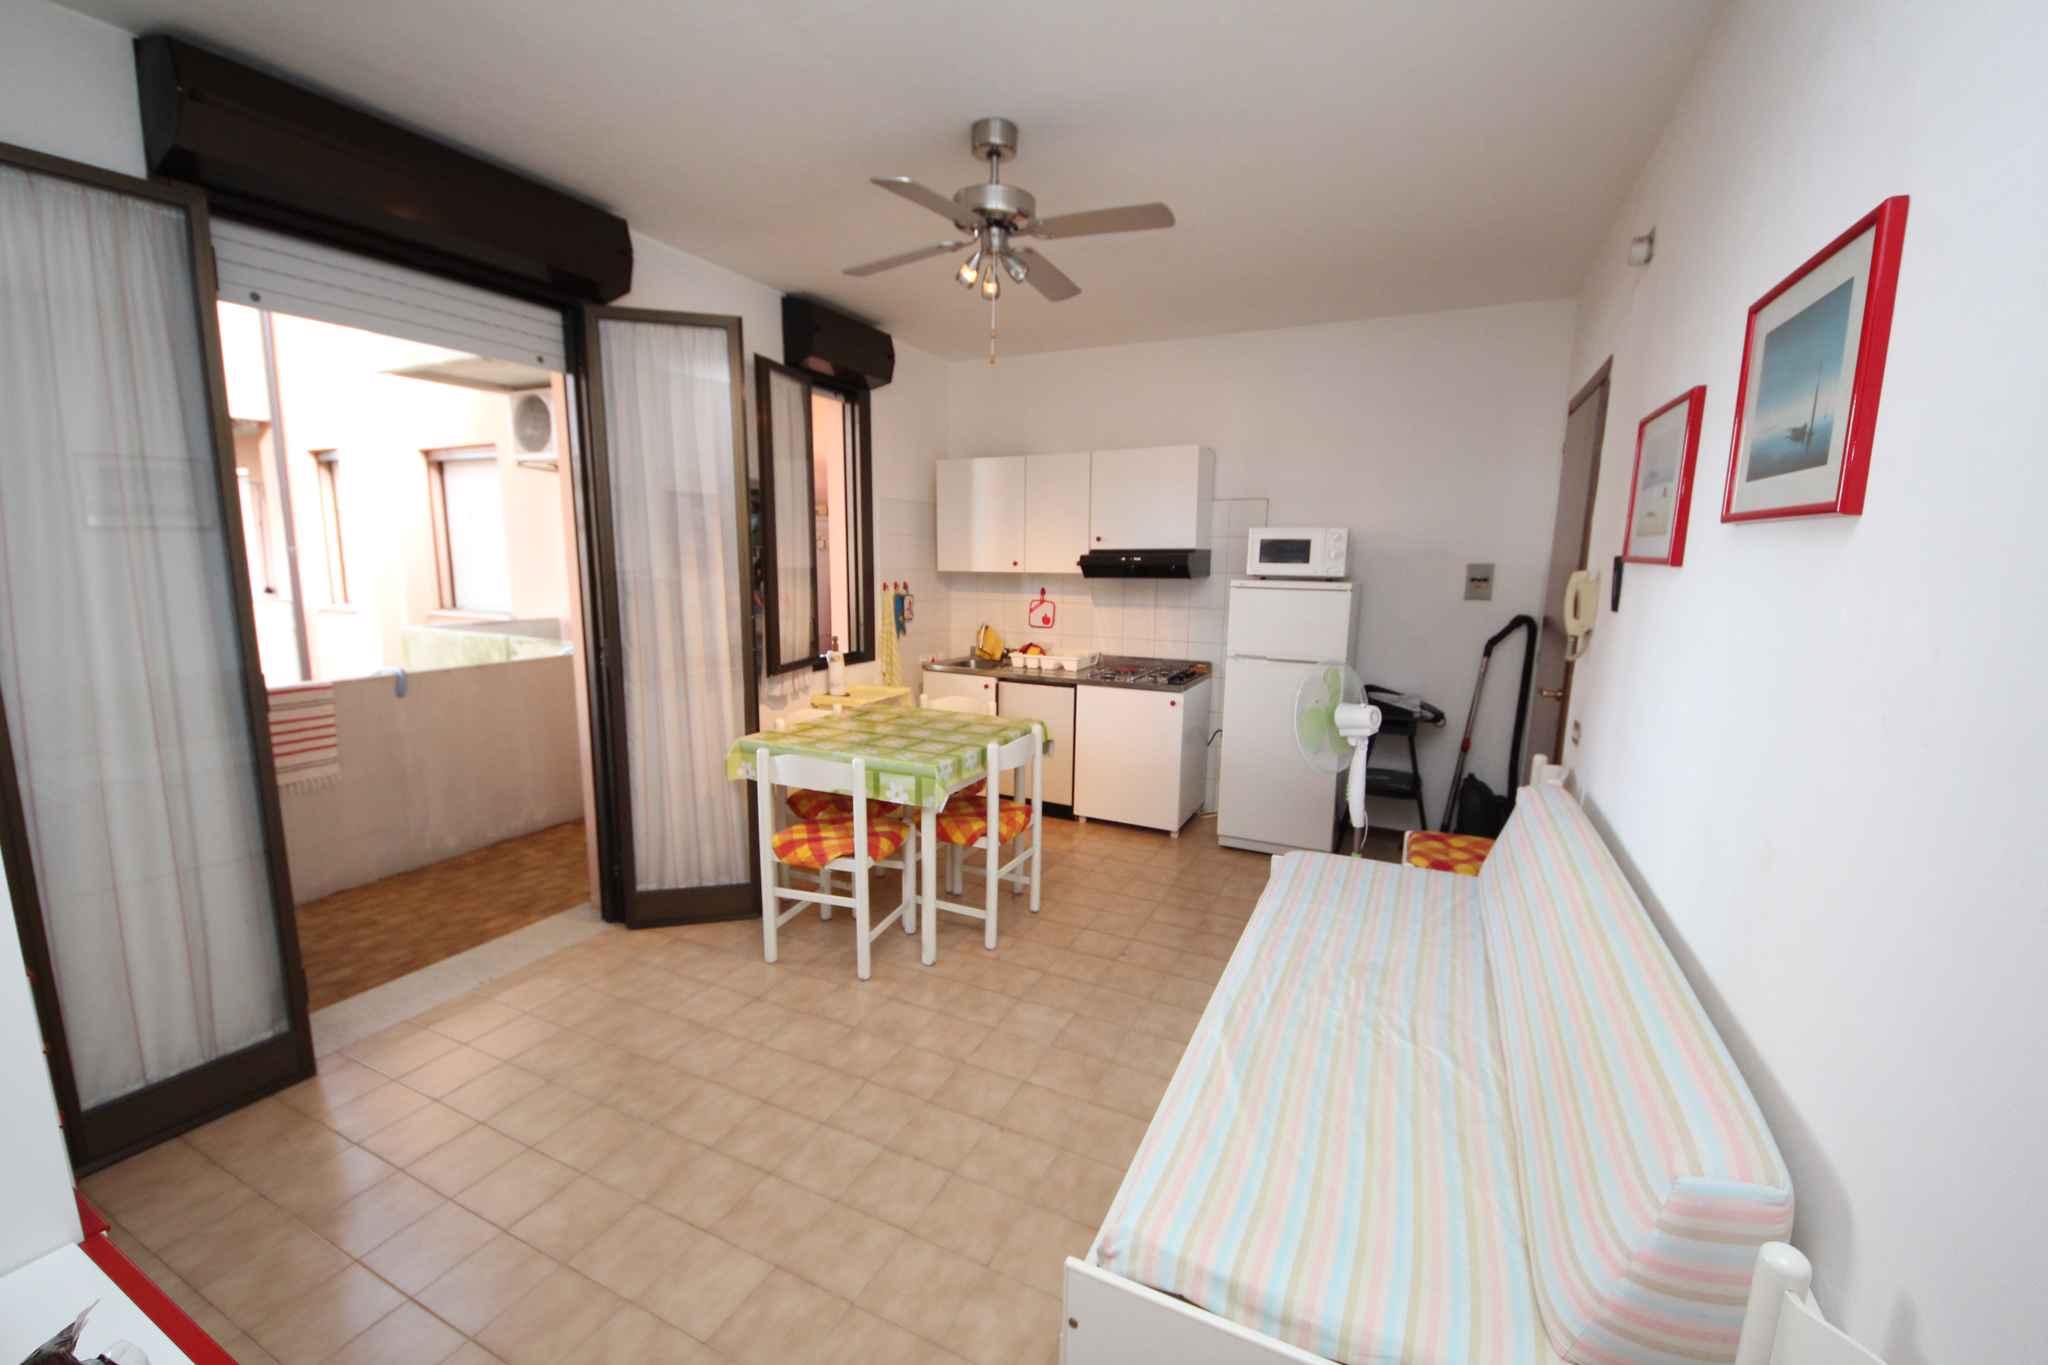 Ferienwohnung mit Balkon (284339), Rosolina Mare, Rovigo, Venetien, Italien, Bild 4